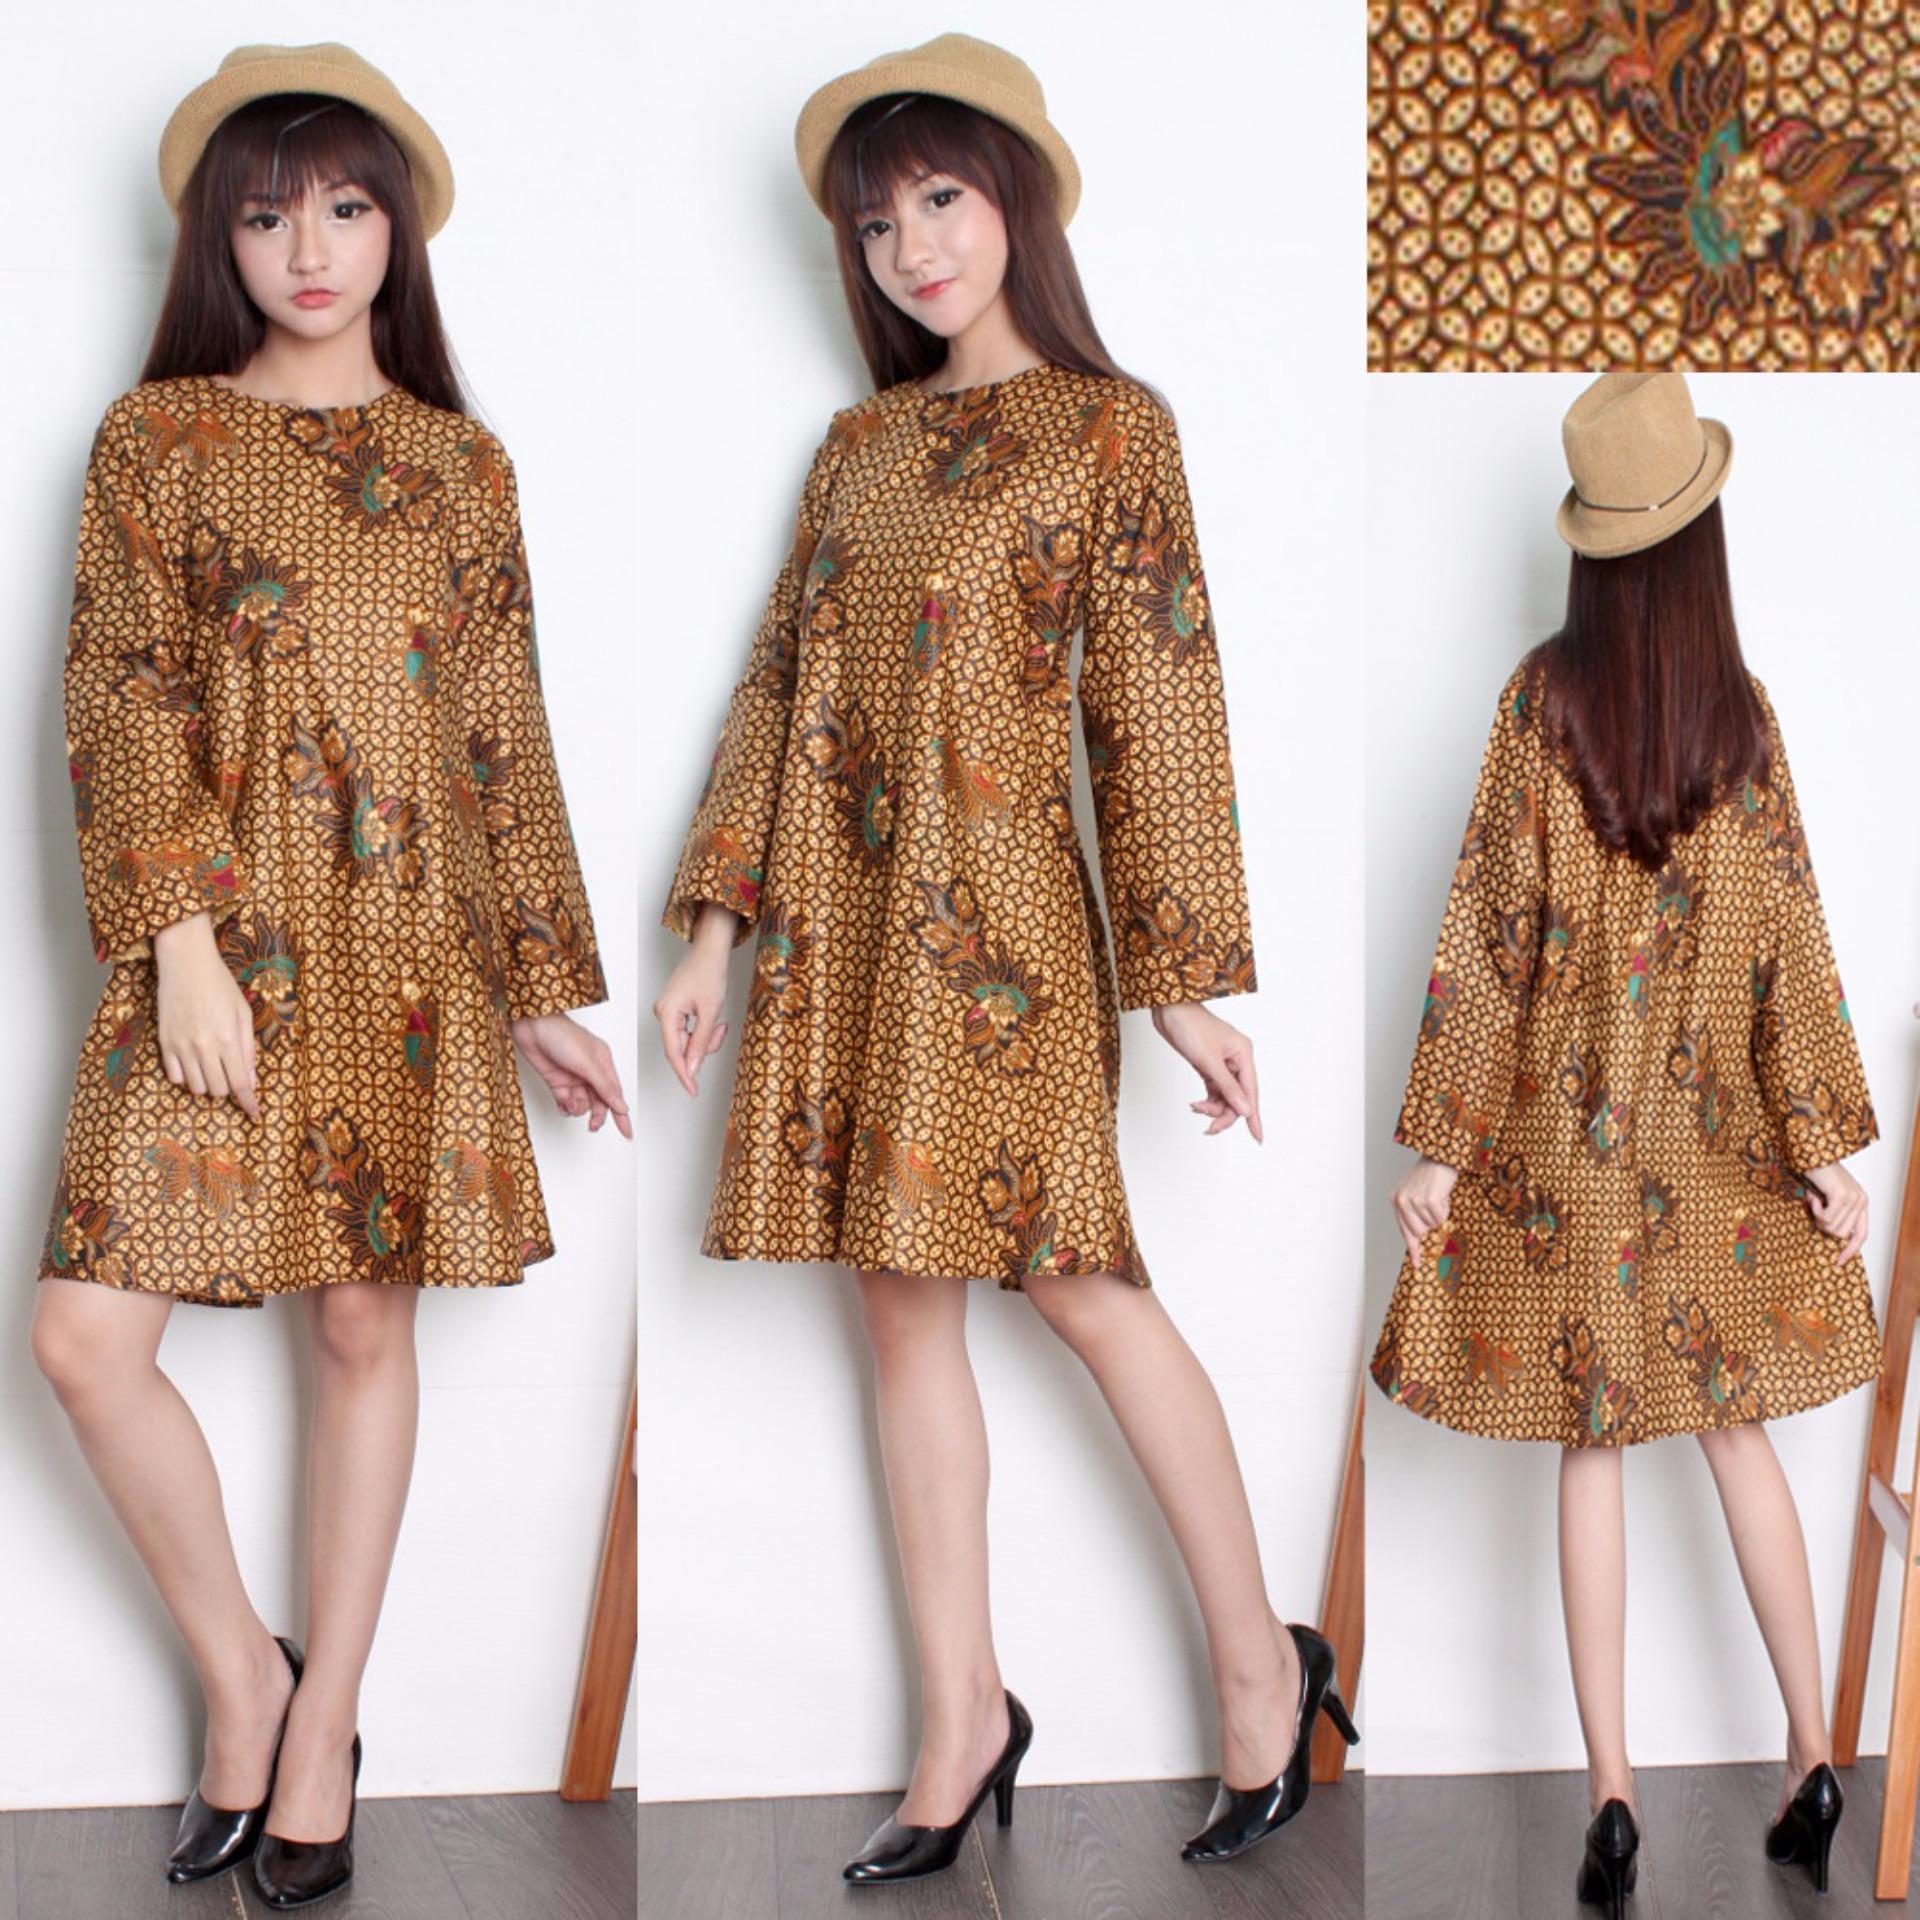 Toko Sb Collection Atasan Tunik Sari Blouse Kemeja Wanita Batik Coklat Terlengkap Di Banten